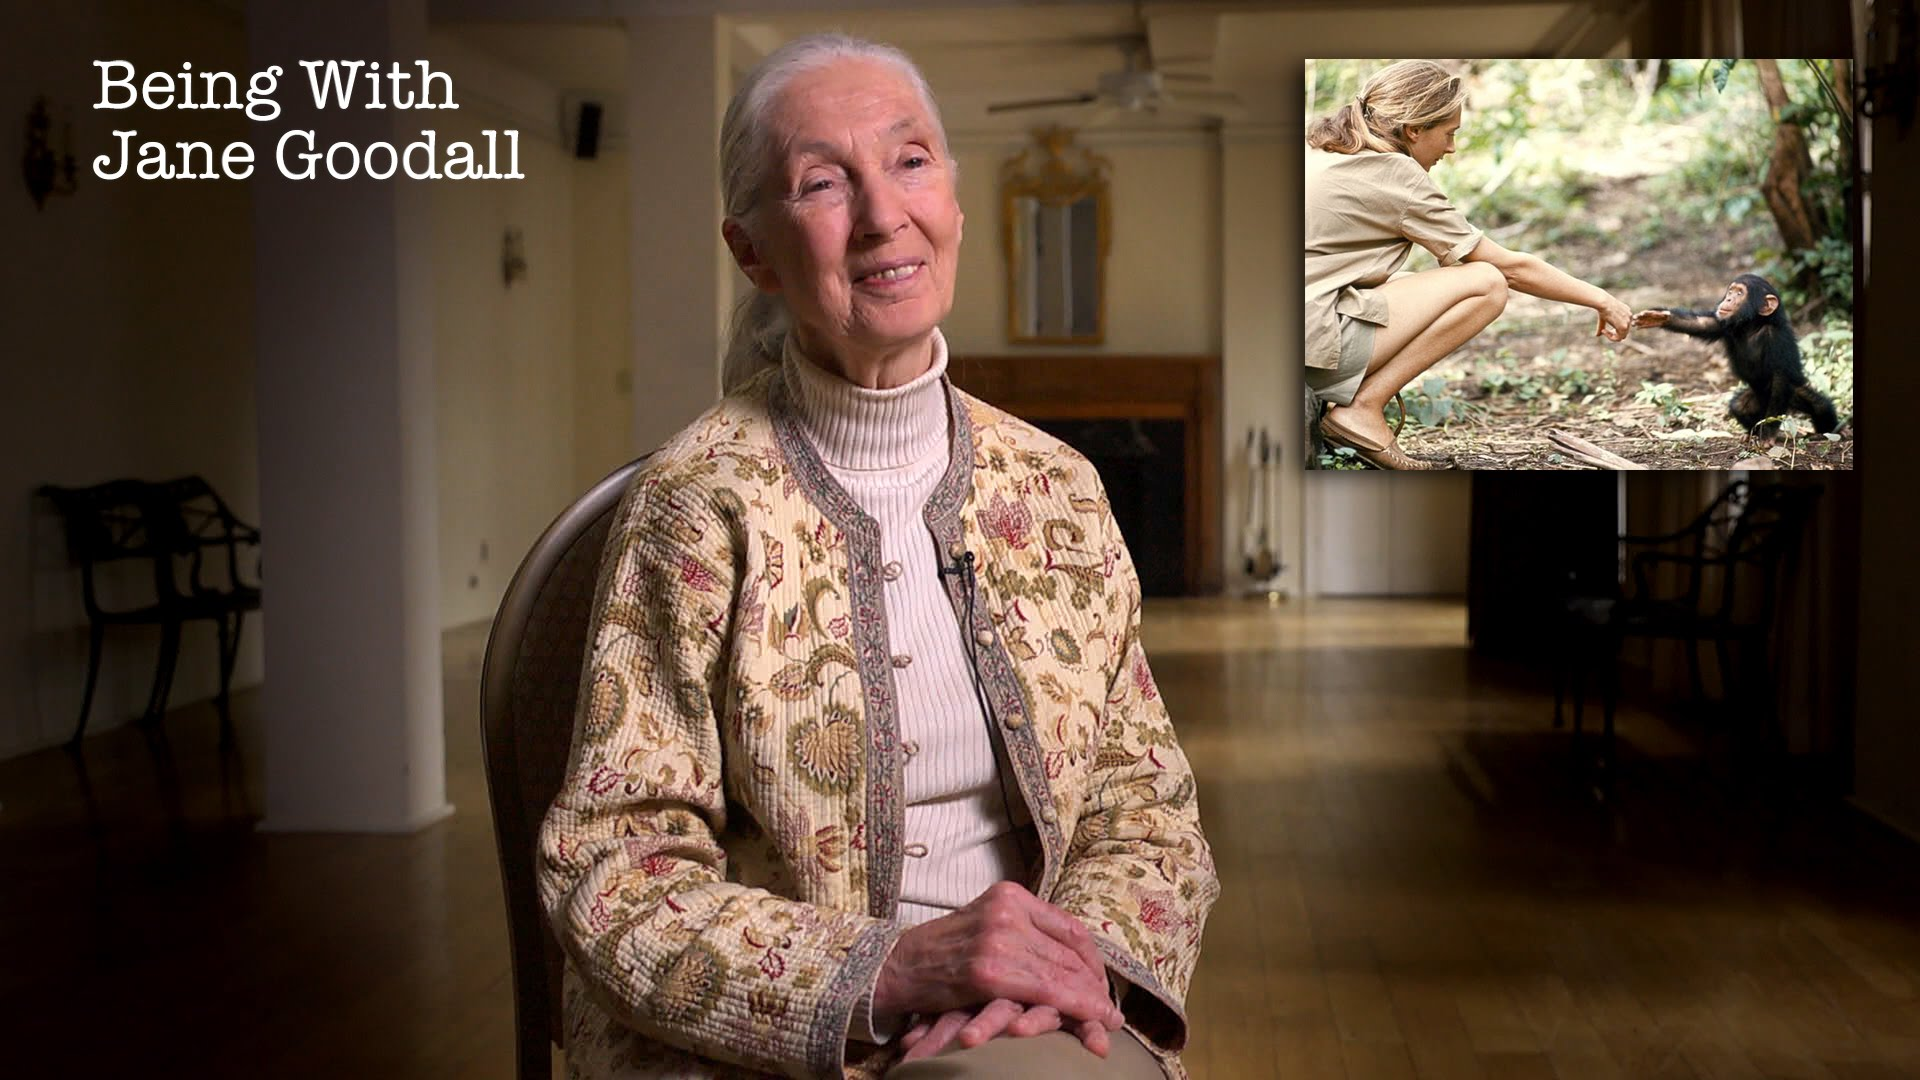 「和黑猩猩交心的人,珍‧古德」- Being with Jane Goodall